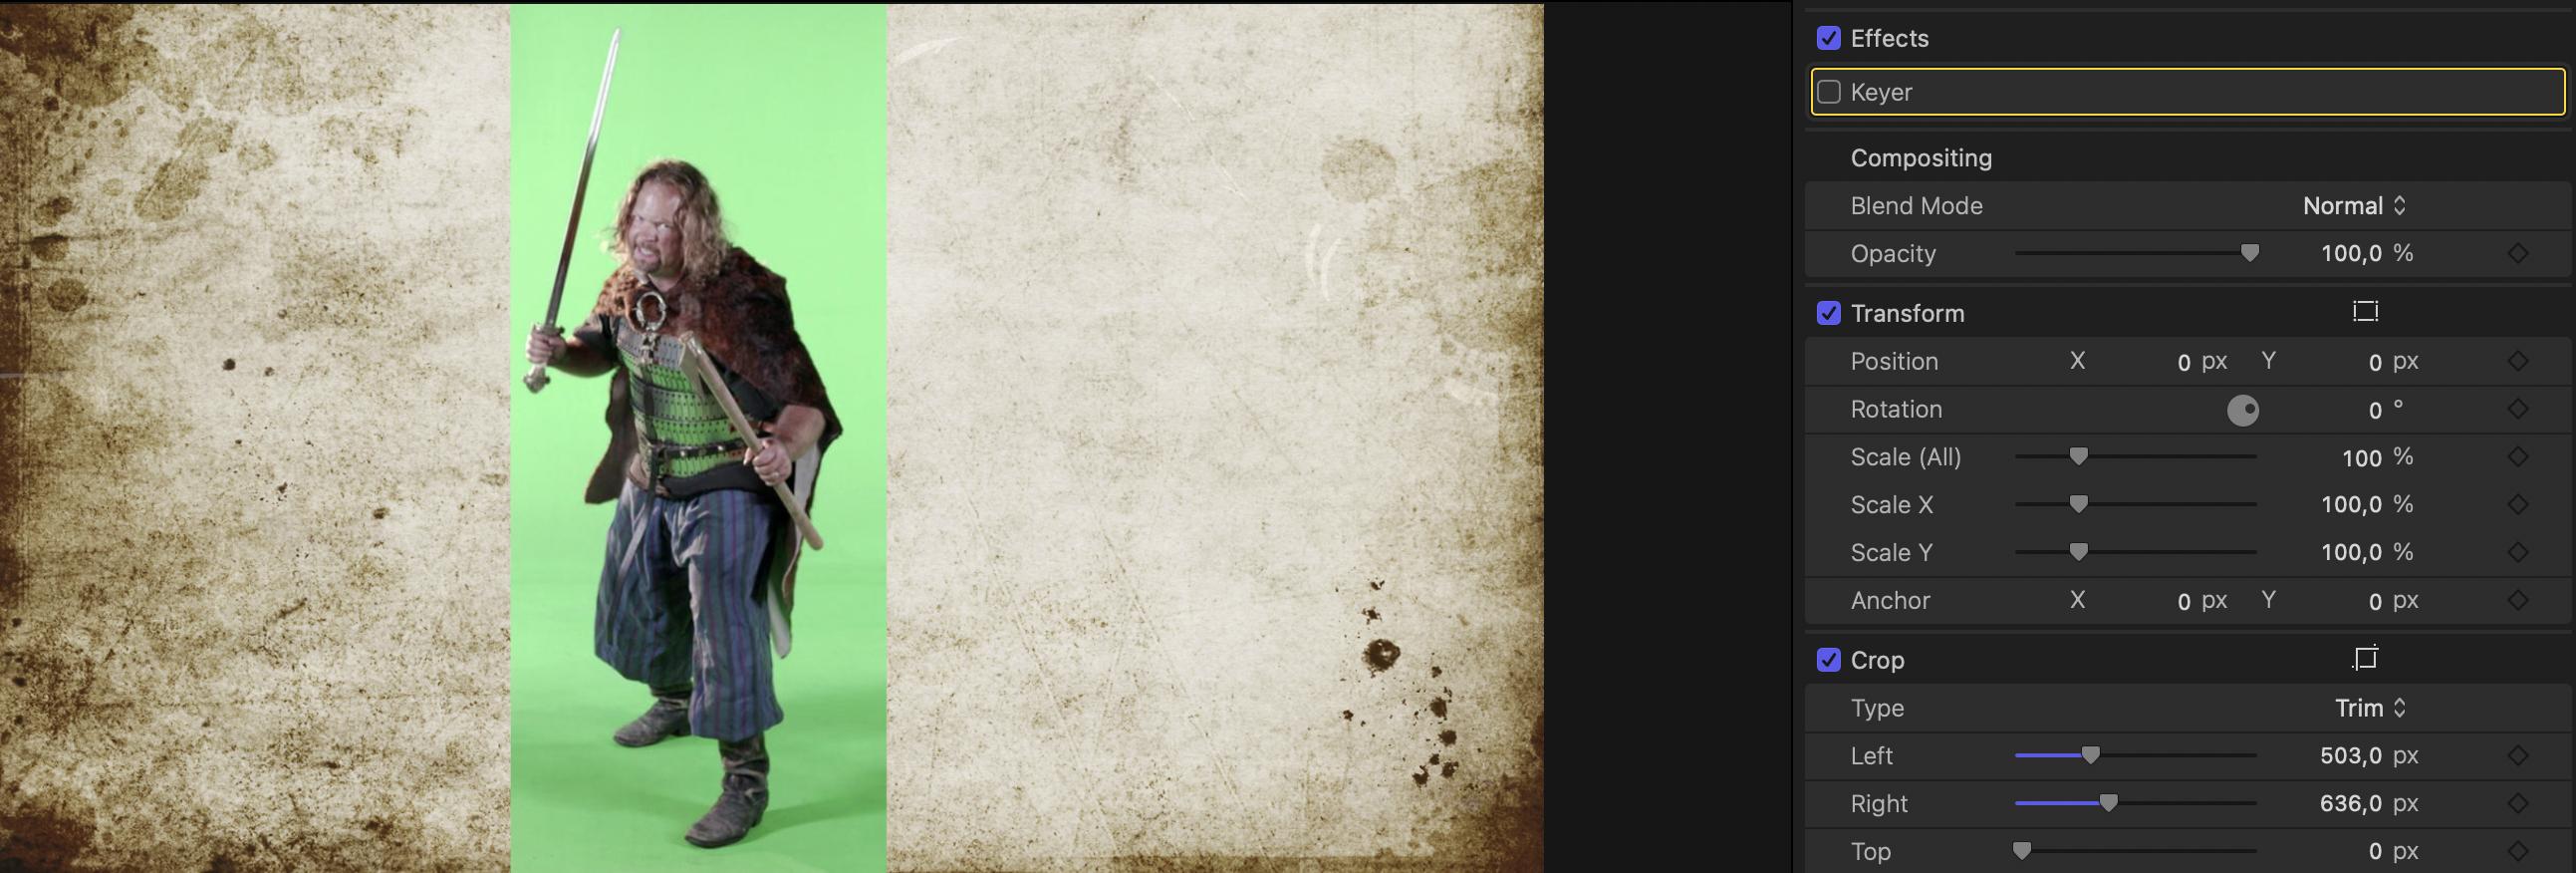 Schermafbeelding2021-08-04om18.02.30.png